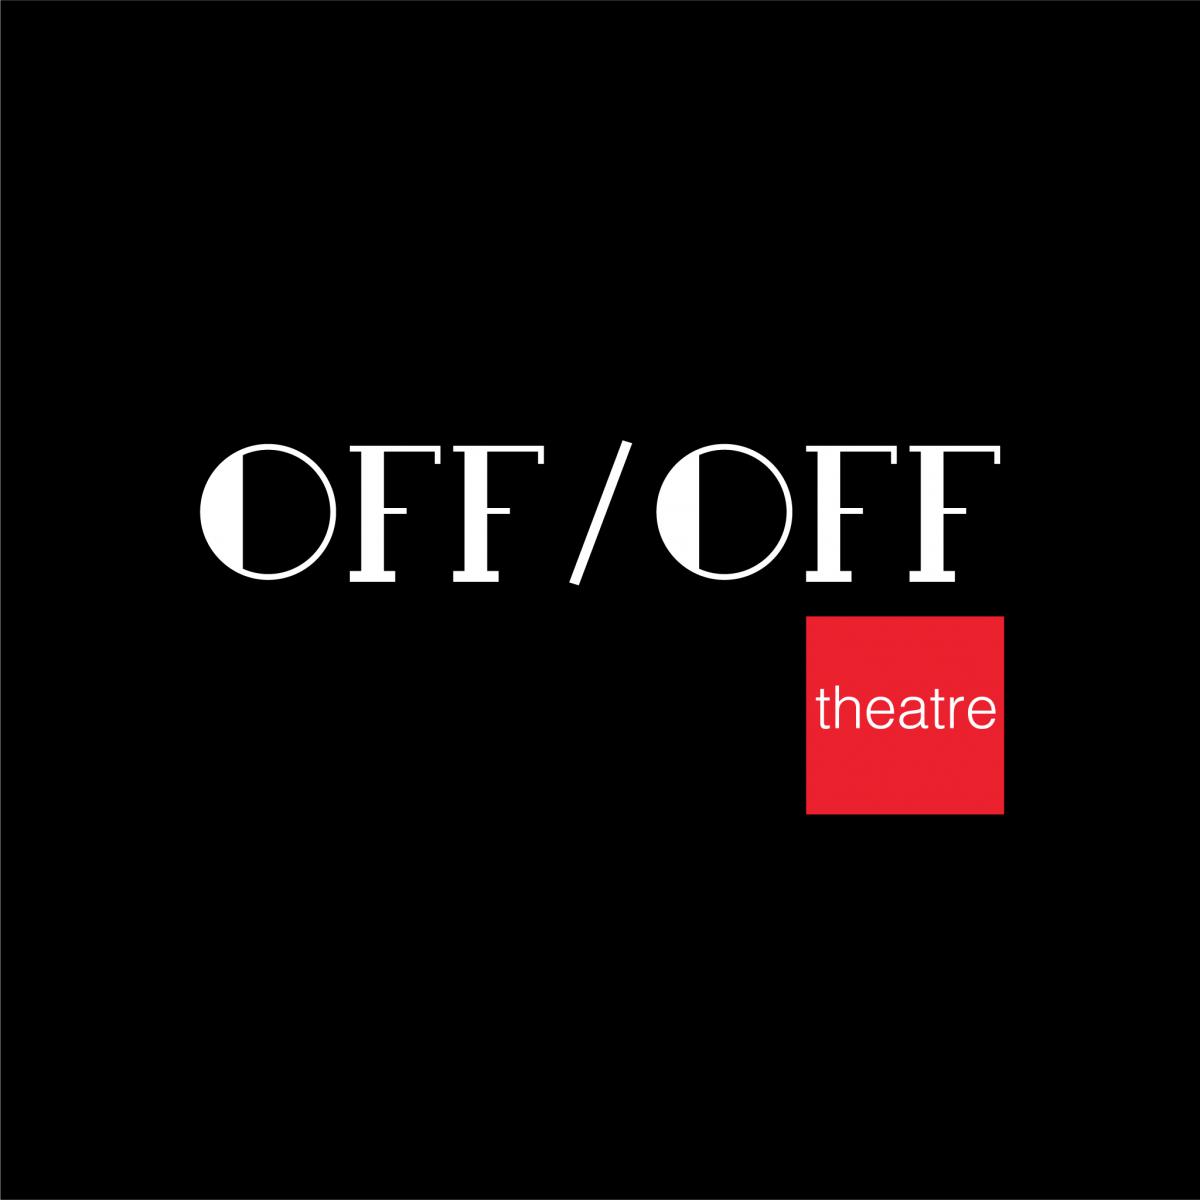 Off/Off Theatre presenta la 3^Stagione silvano spada Off/Off Theatre presenta la 3^Stagione LOGO OFF OFF THEATRE